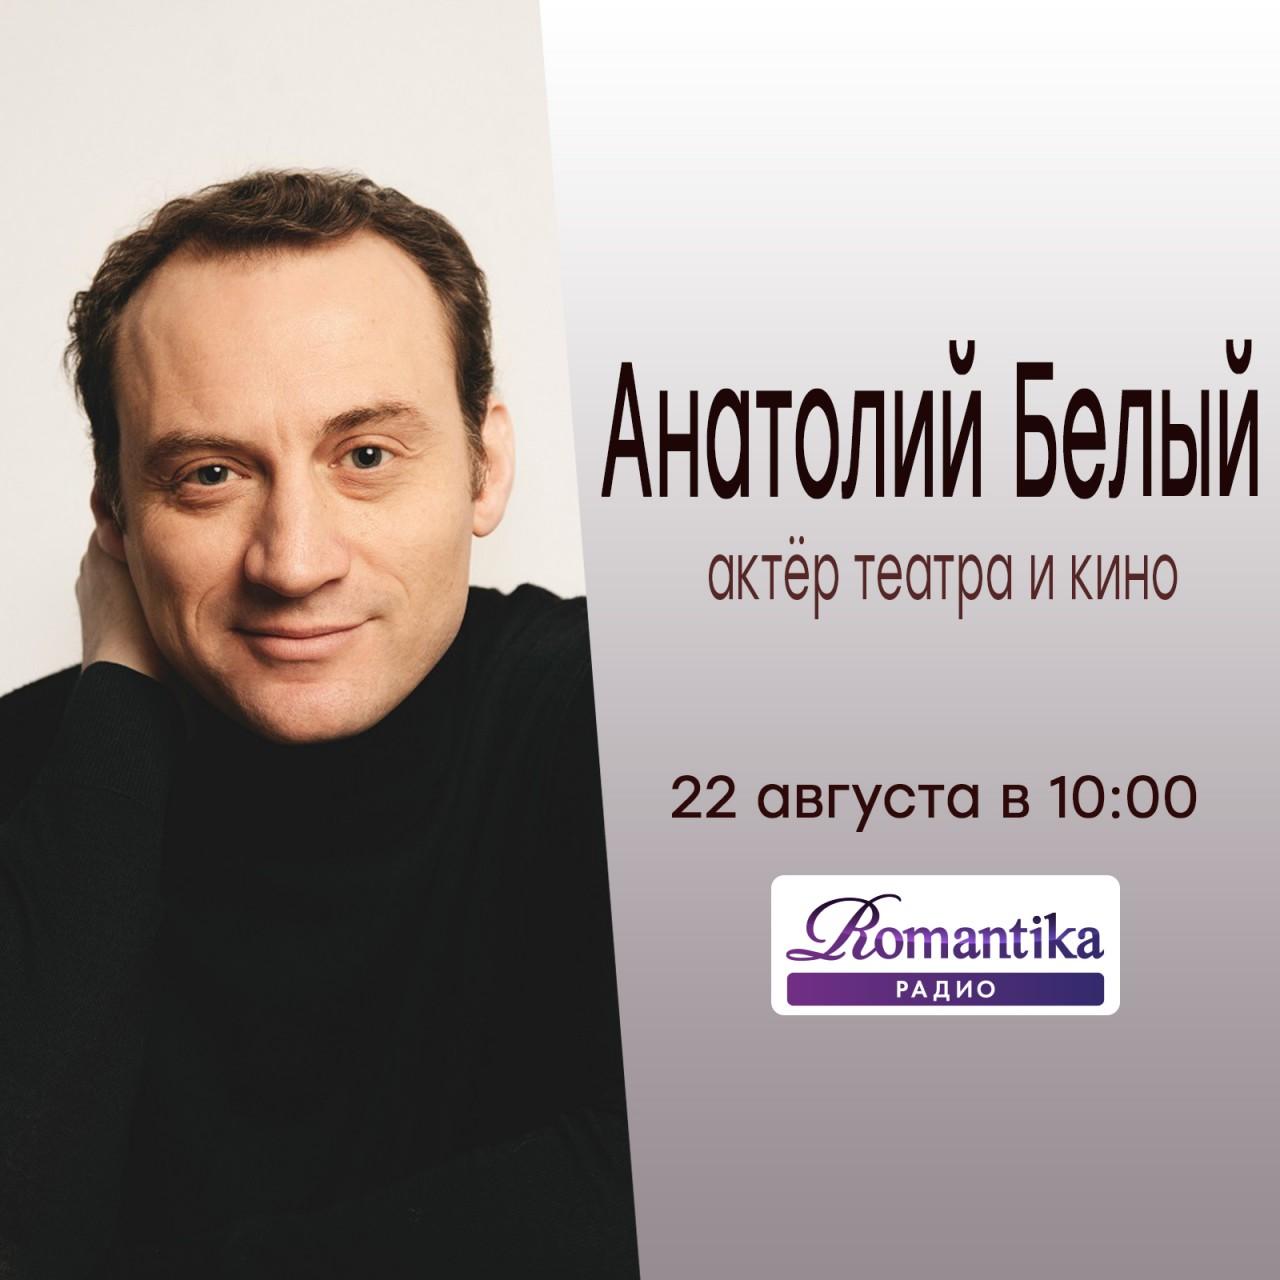 Утро на радио Romantika: 22 …